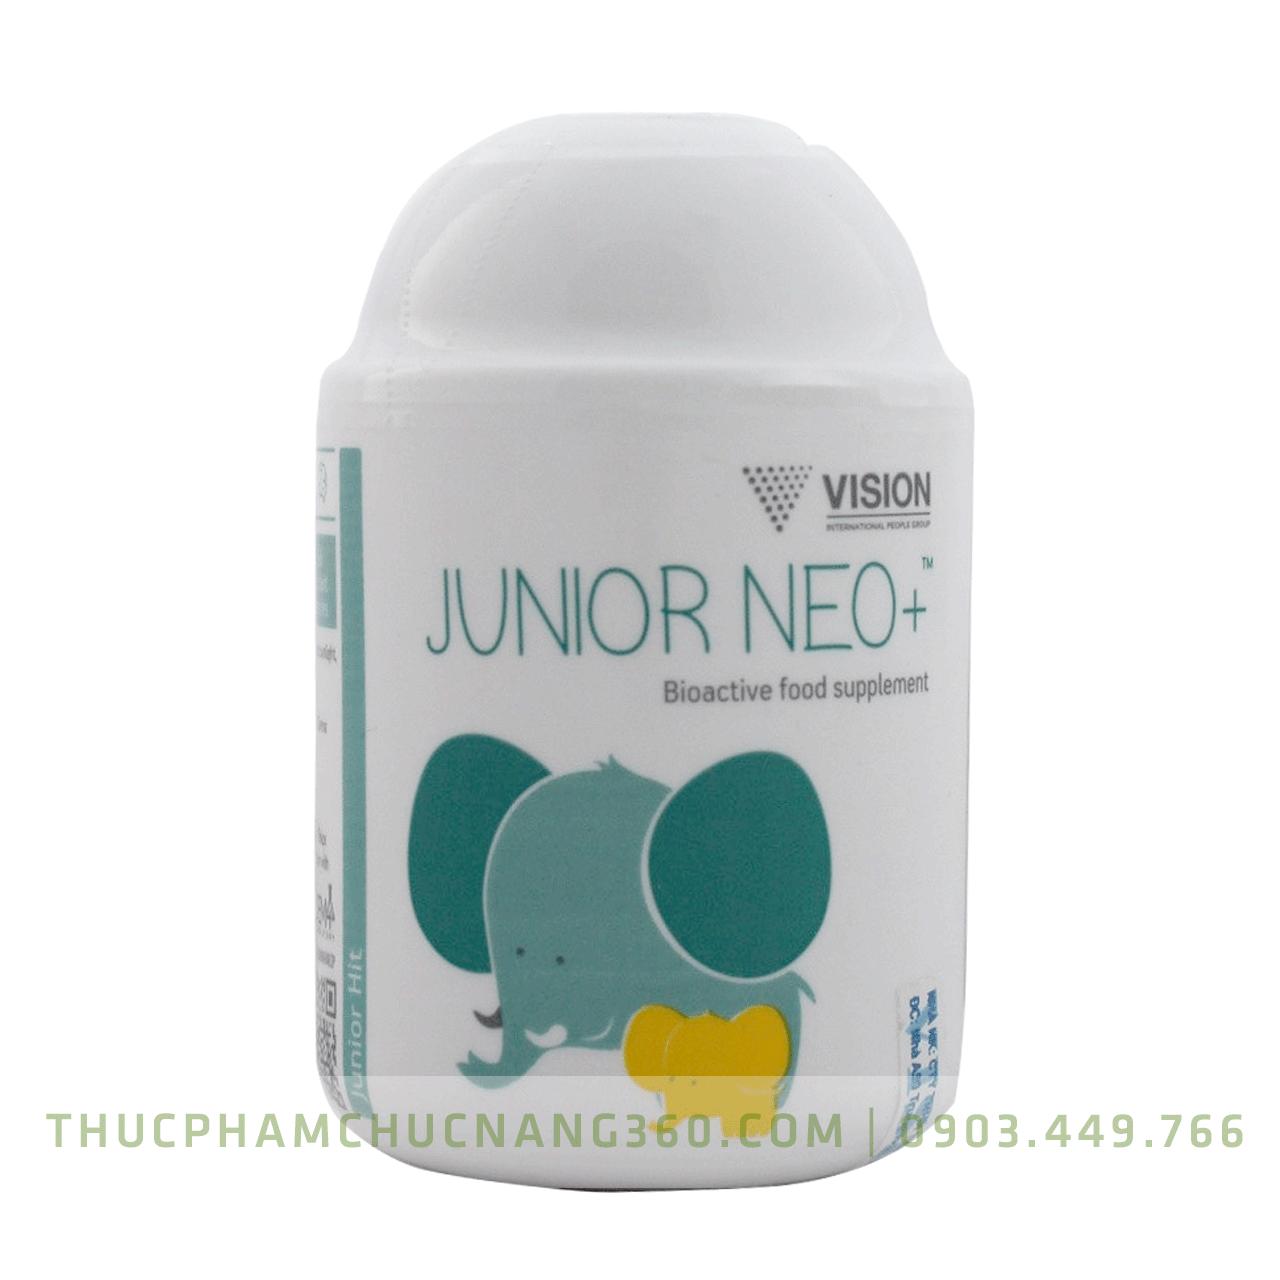 Lifepac Junior Neo - Thực phẩm chức năng Vision